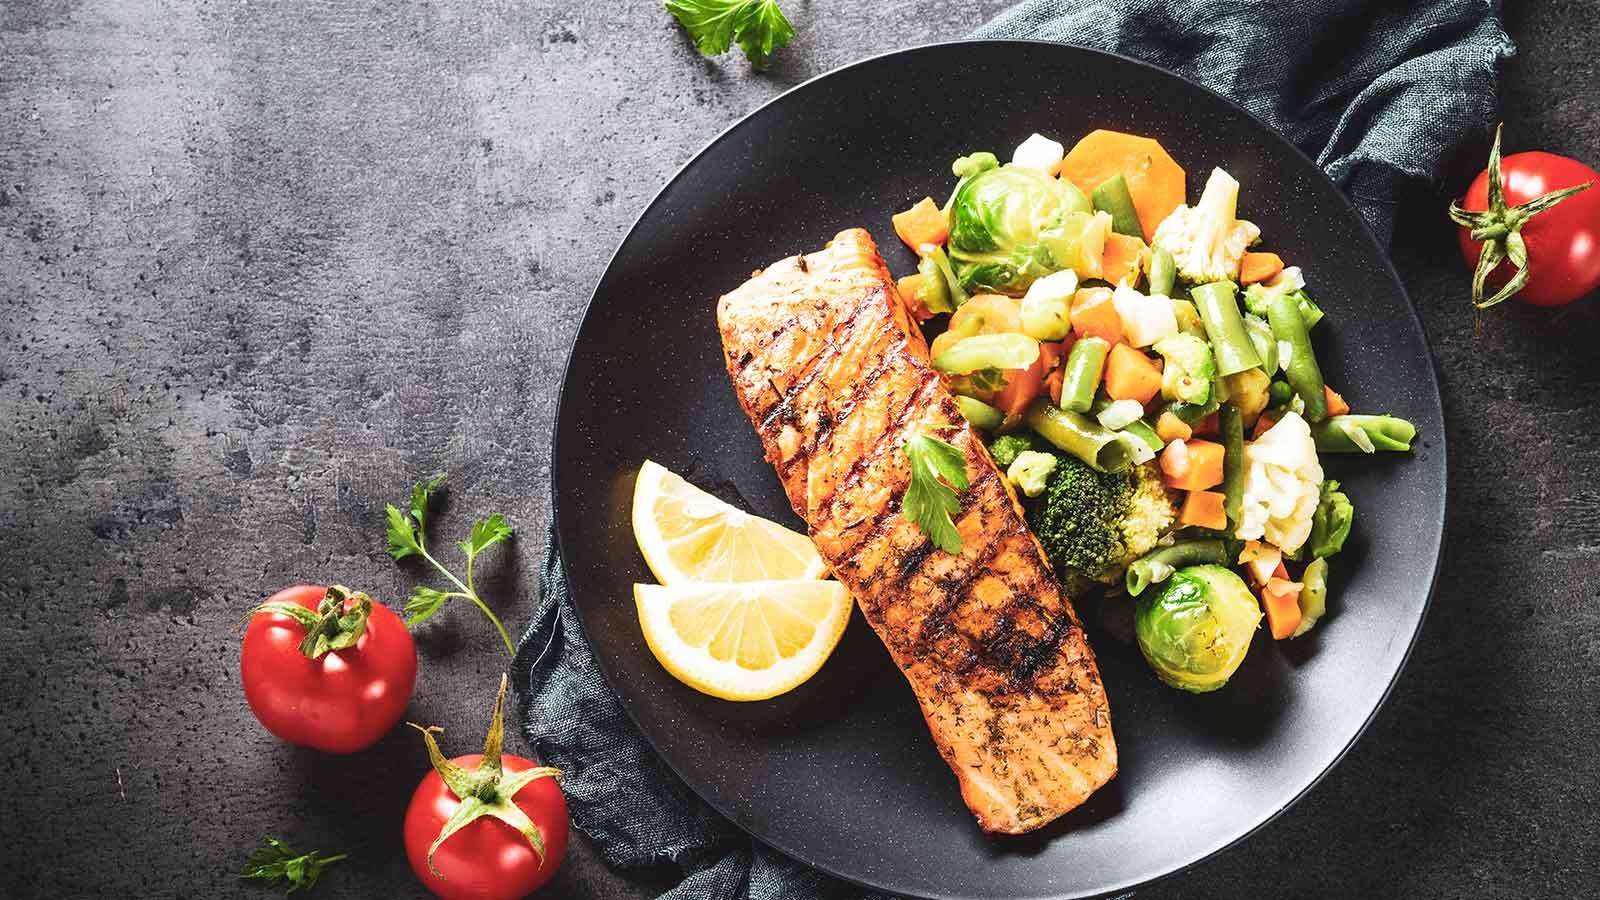 repas.préparation pour perdre la graisse du ventre